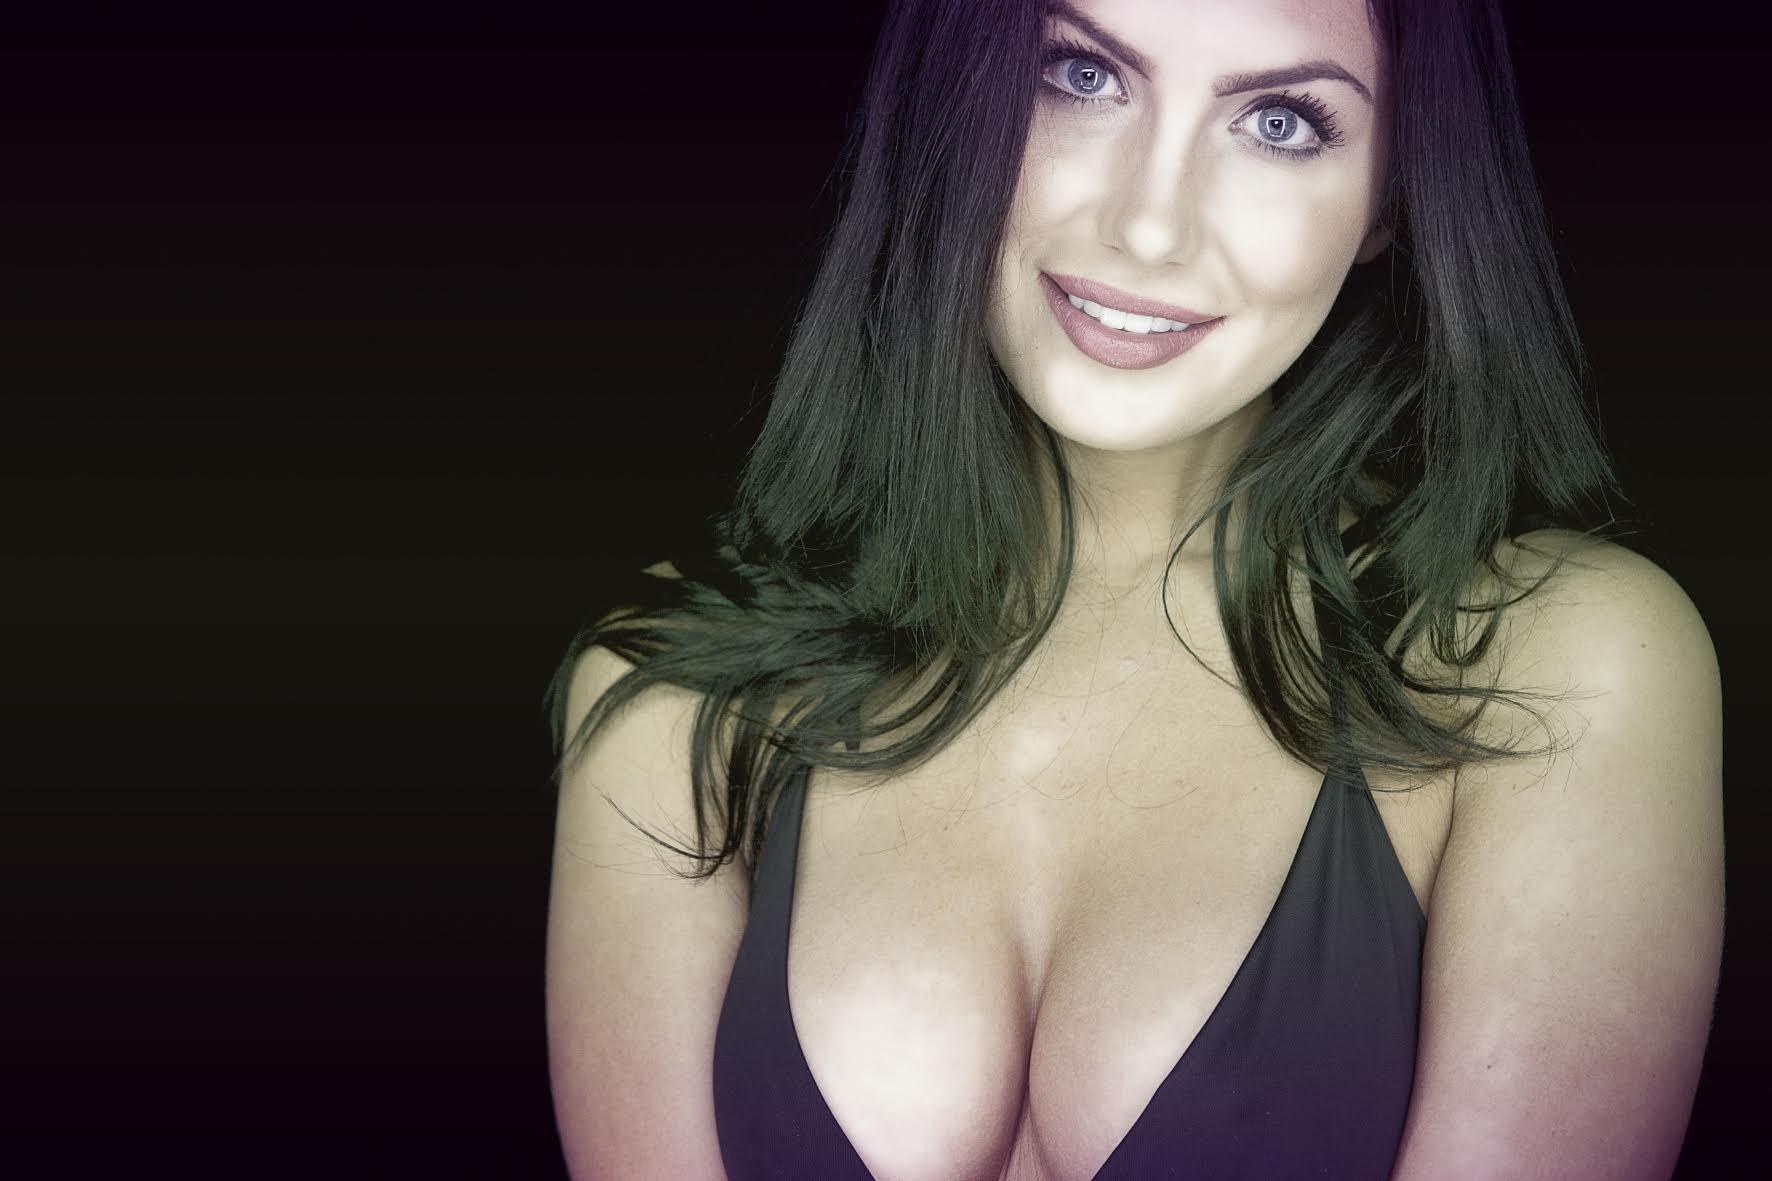 Caitlin Ashley smile